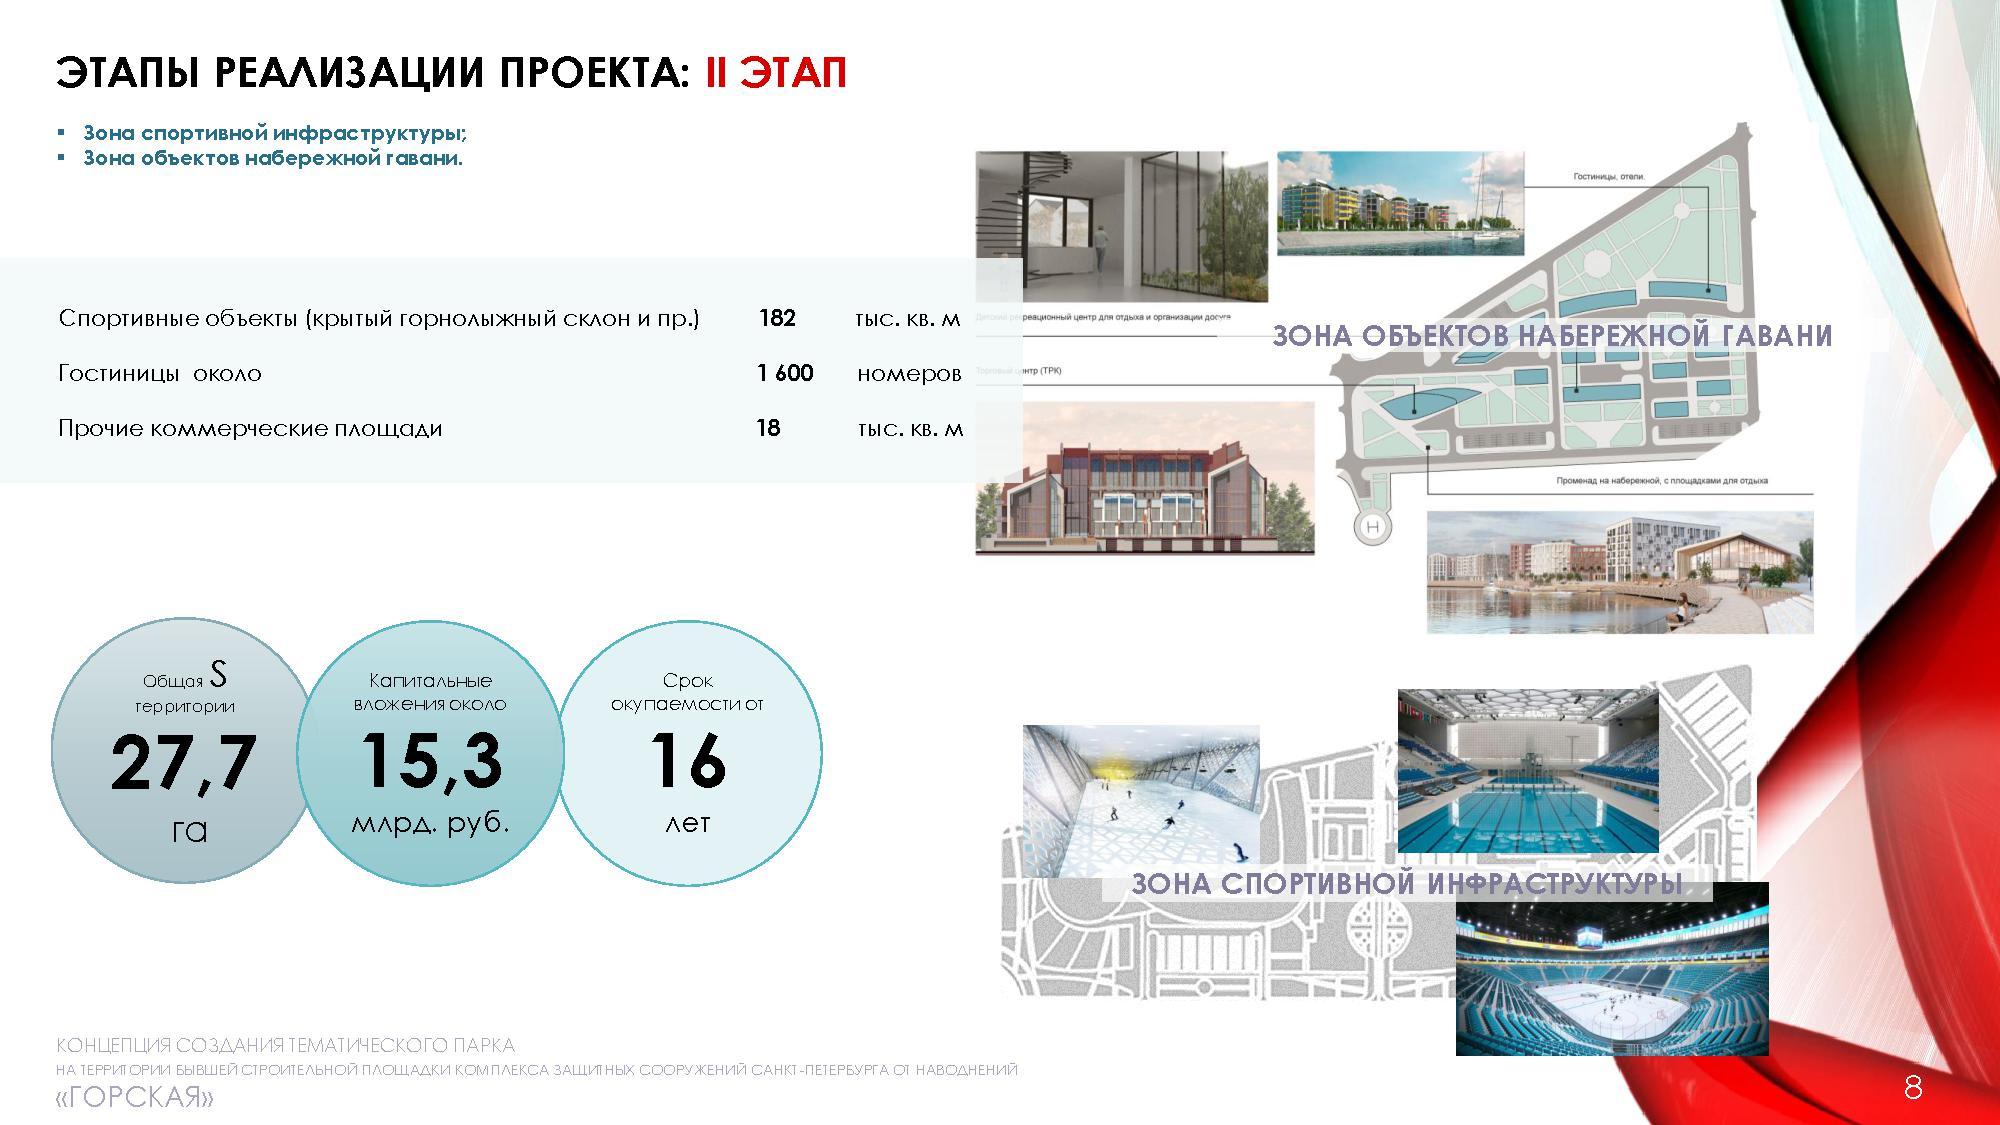 фрагмент концепции создания тематического парка на территории бывшей строительной площадки КЗС «Горская»